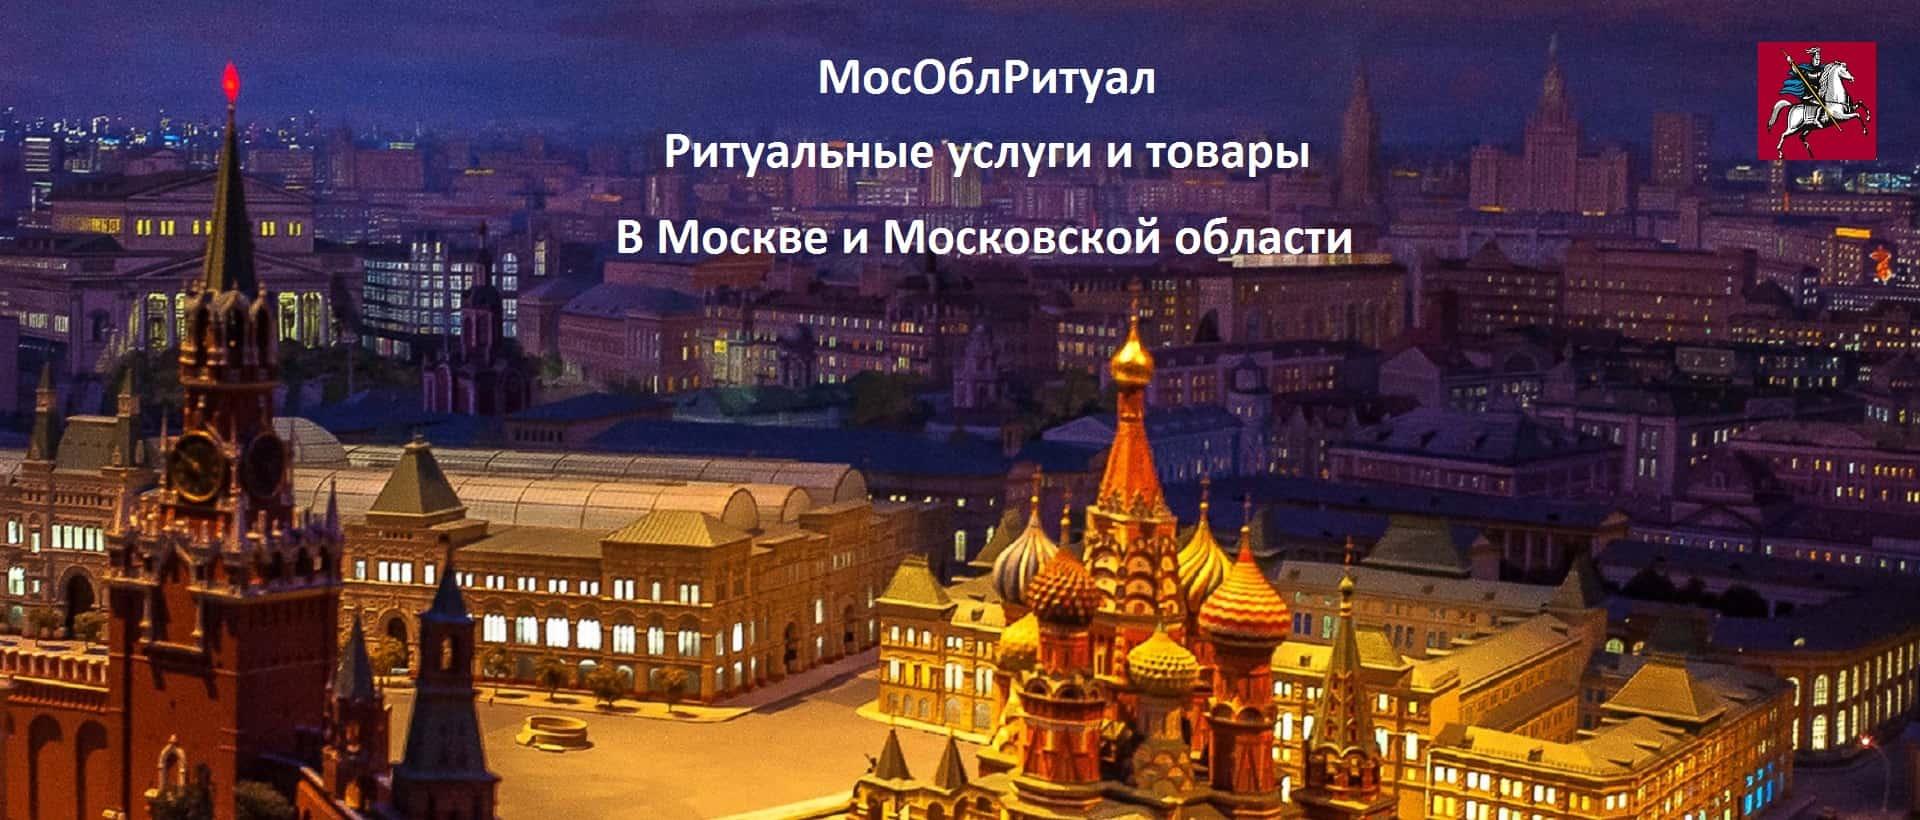 (c) Mosoblritual.ru